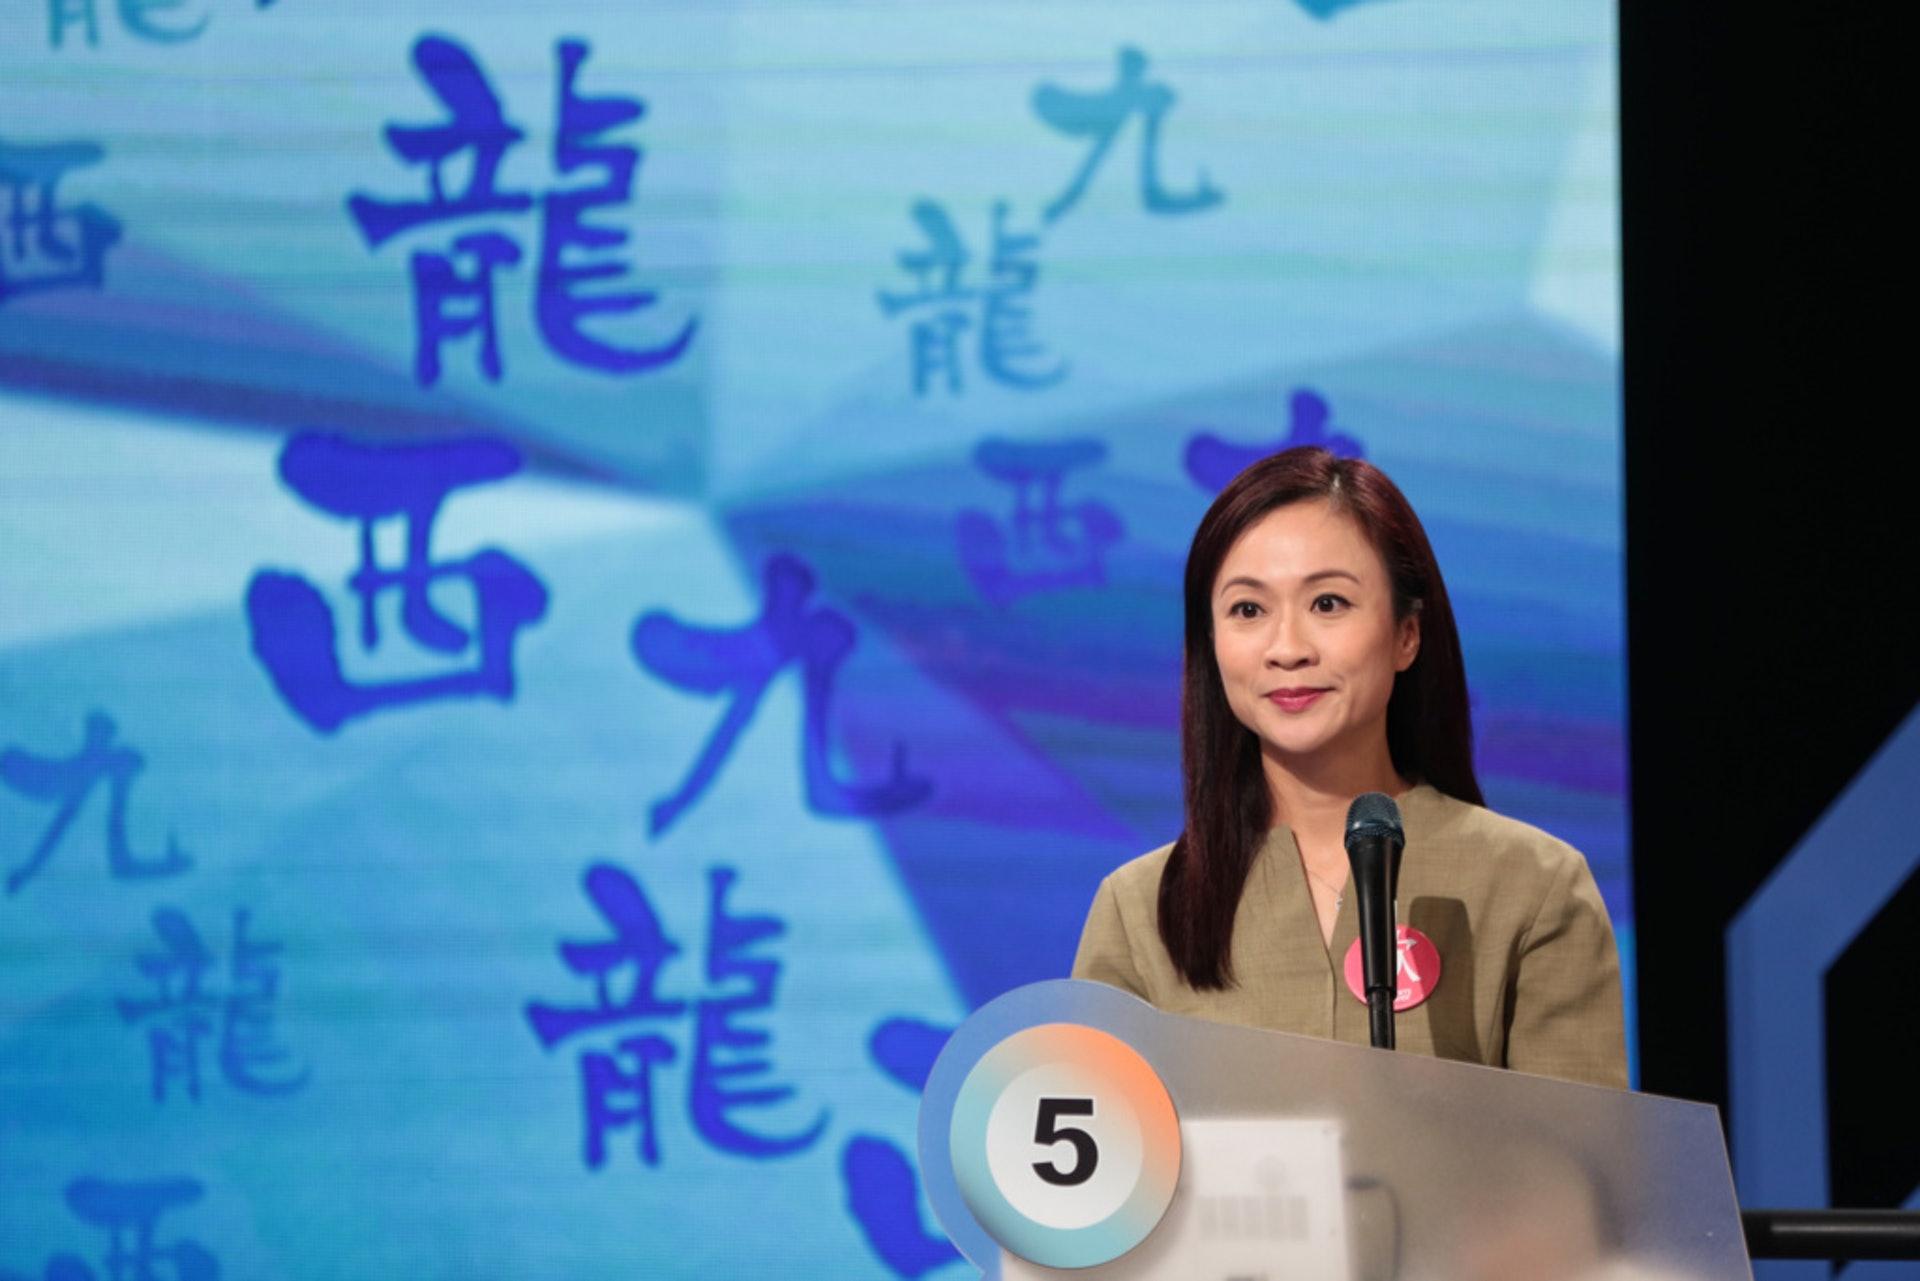 民間團體上周日舉辦「全民退保」社區論壇,陳凱欣缺席,市民無機會向她當面質詢。(資料圖片)